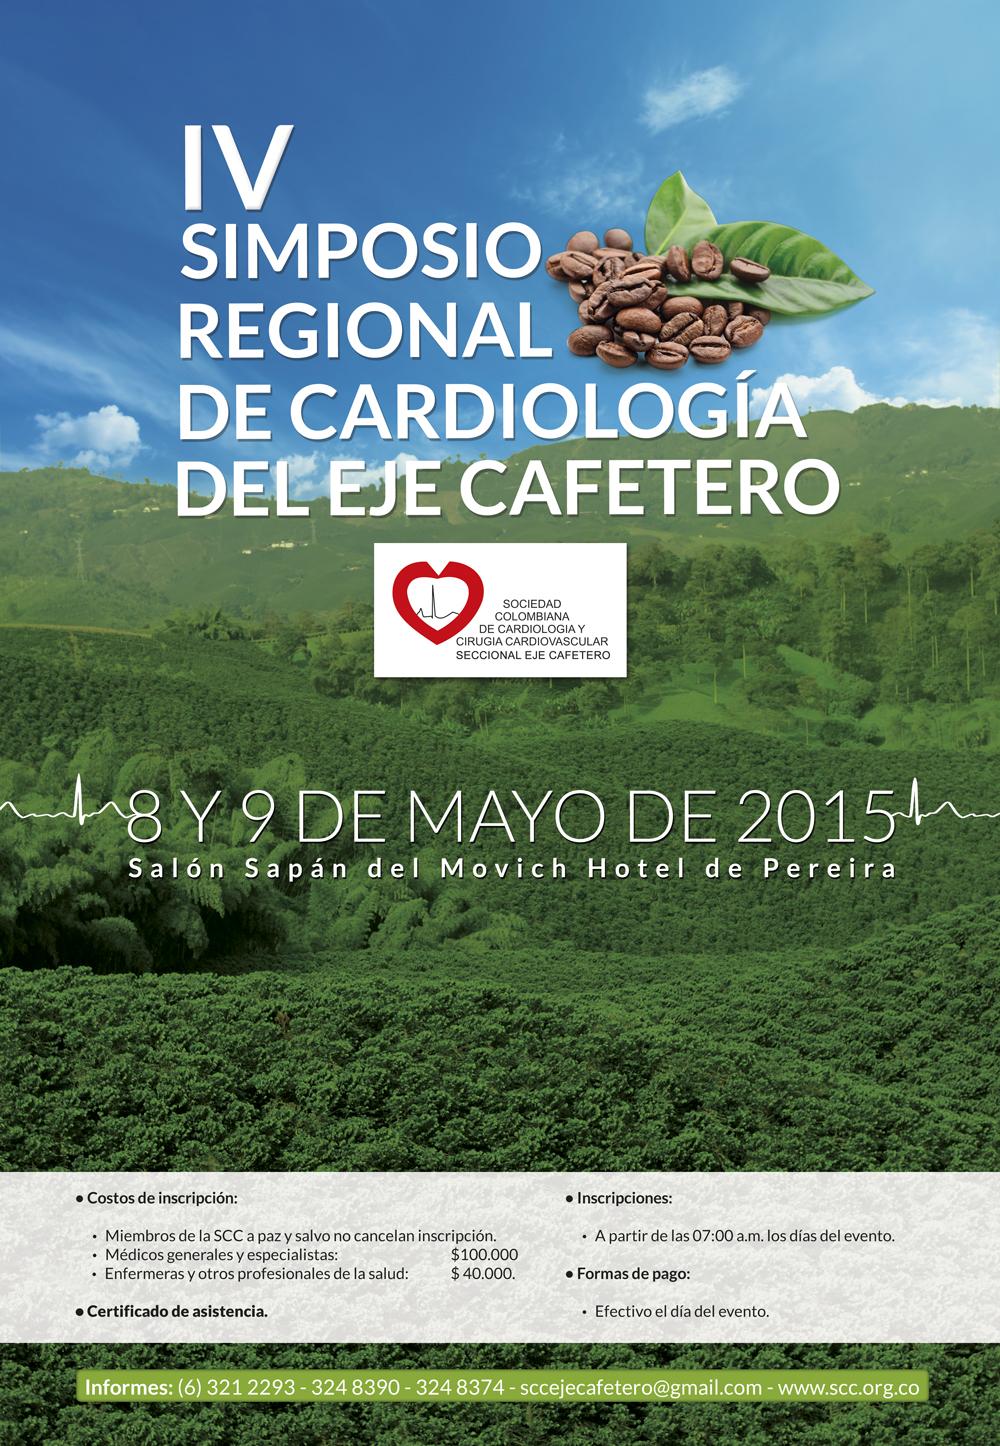 IV Simposio Regional de Cardiología del Eje Cafetero  @ Salón Sapán del Movich Hotel de Pereira / Mayo 8 y 9 de 2015